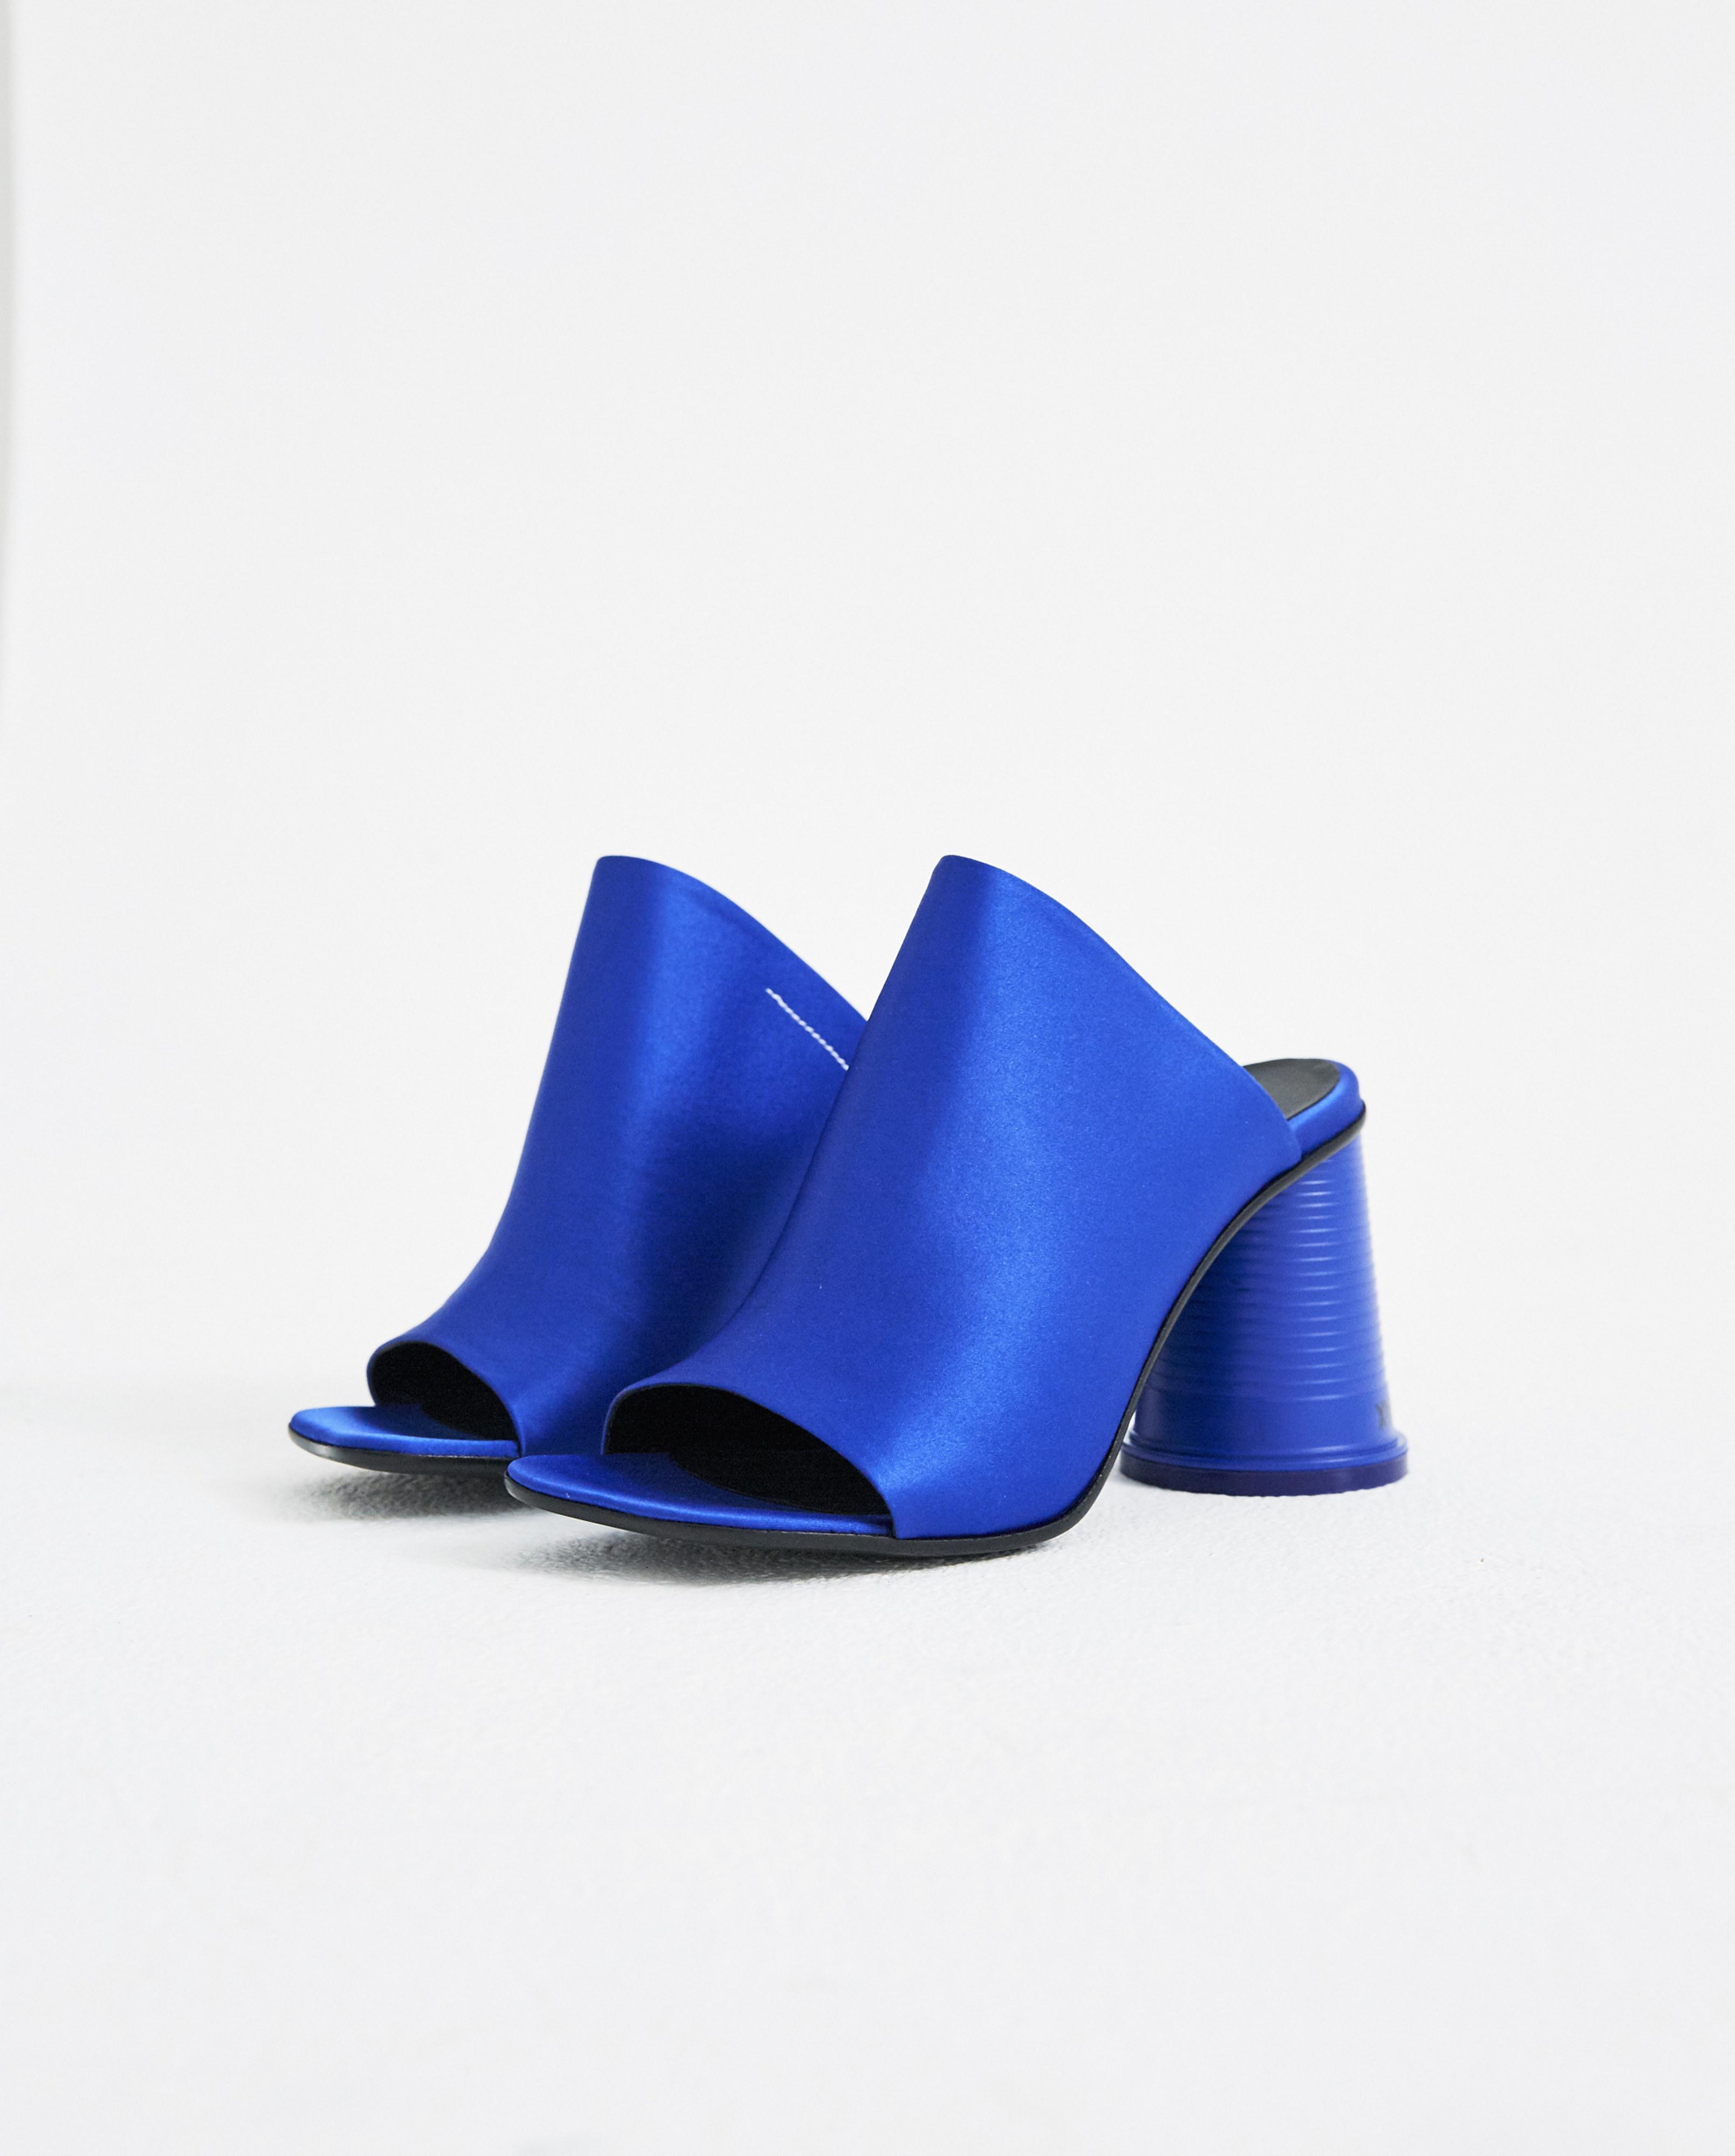 Maison Margiela Blue Satin Cup To Go Sandals wjouE